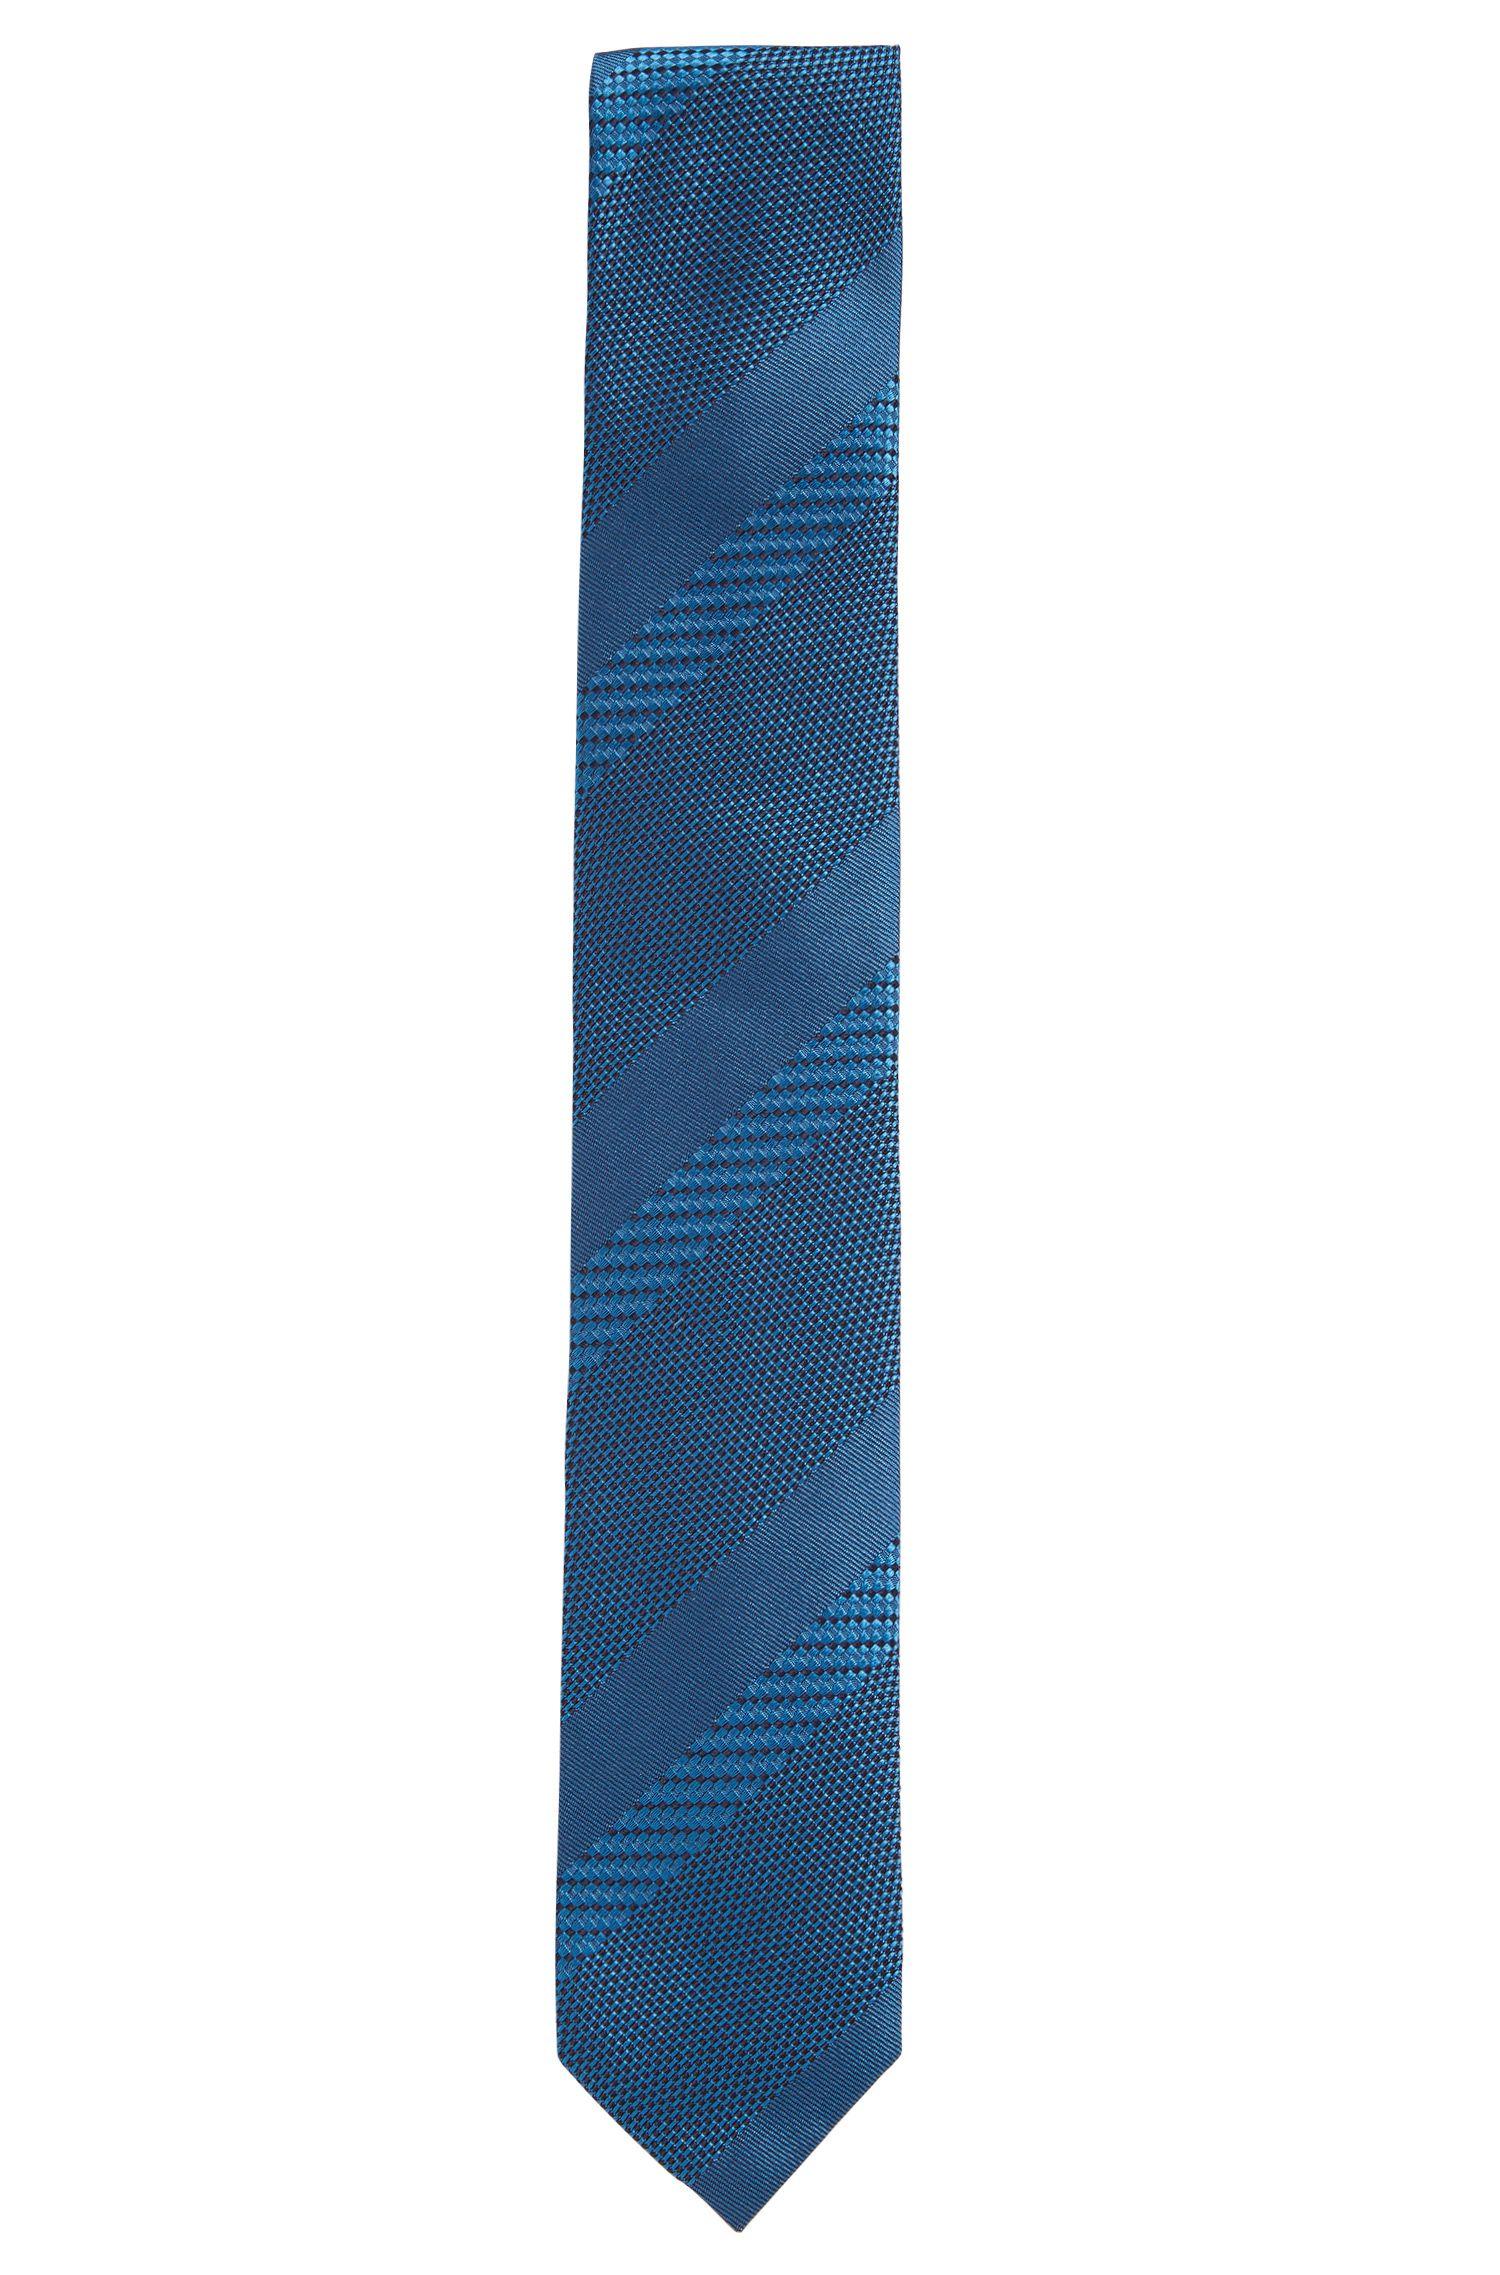 Cravatta in seta jacquard con righe lavorate